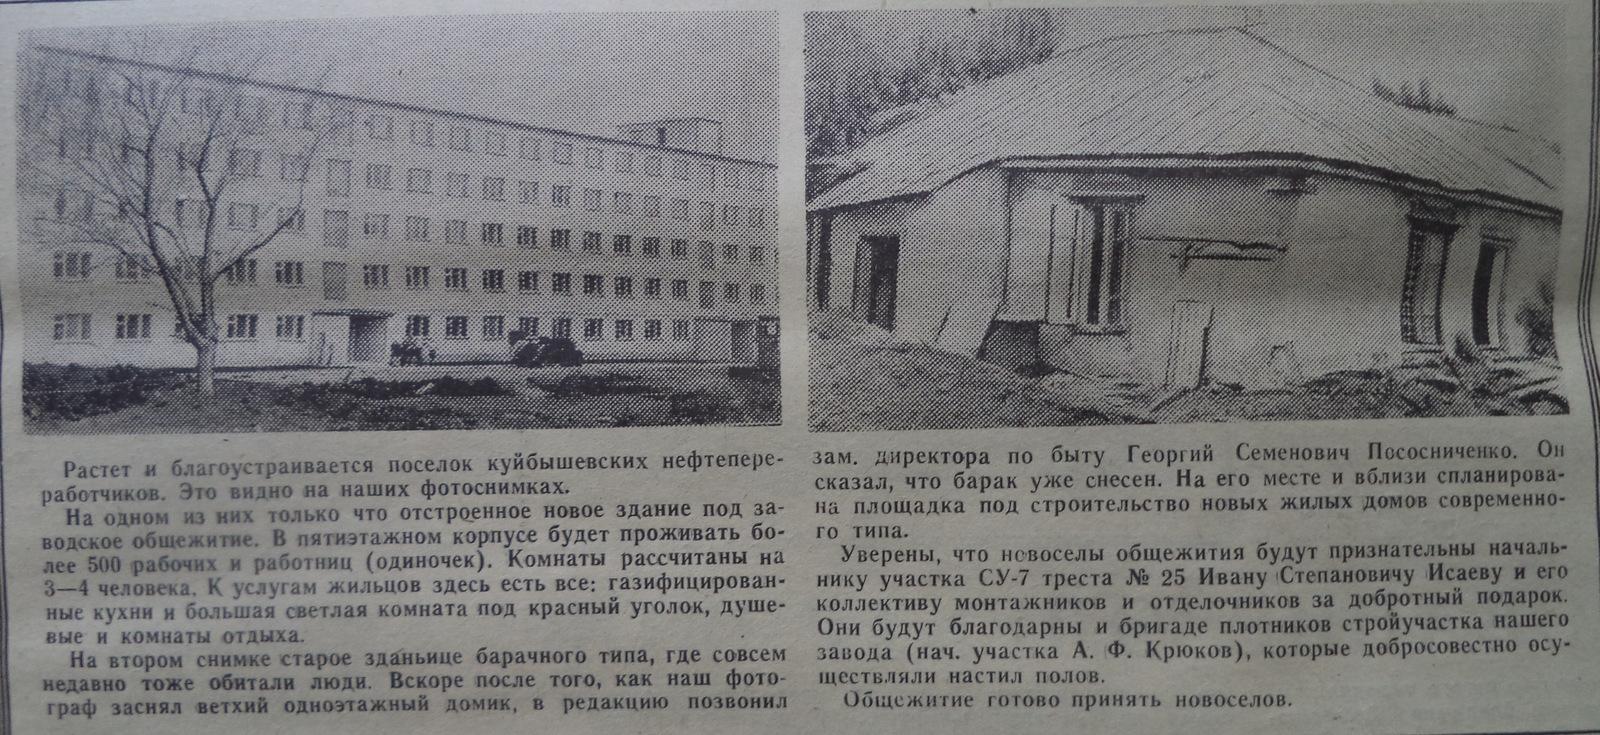 Стадионная-ФОТО-08-За Прогресс-1968-23 июля